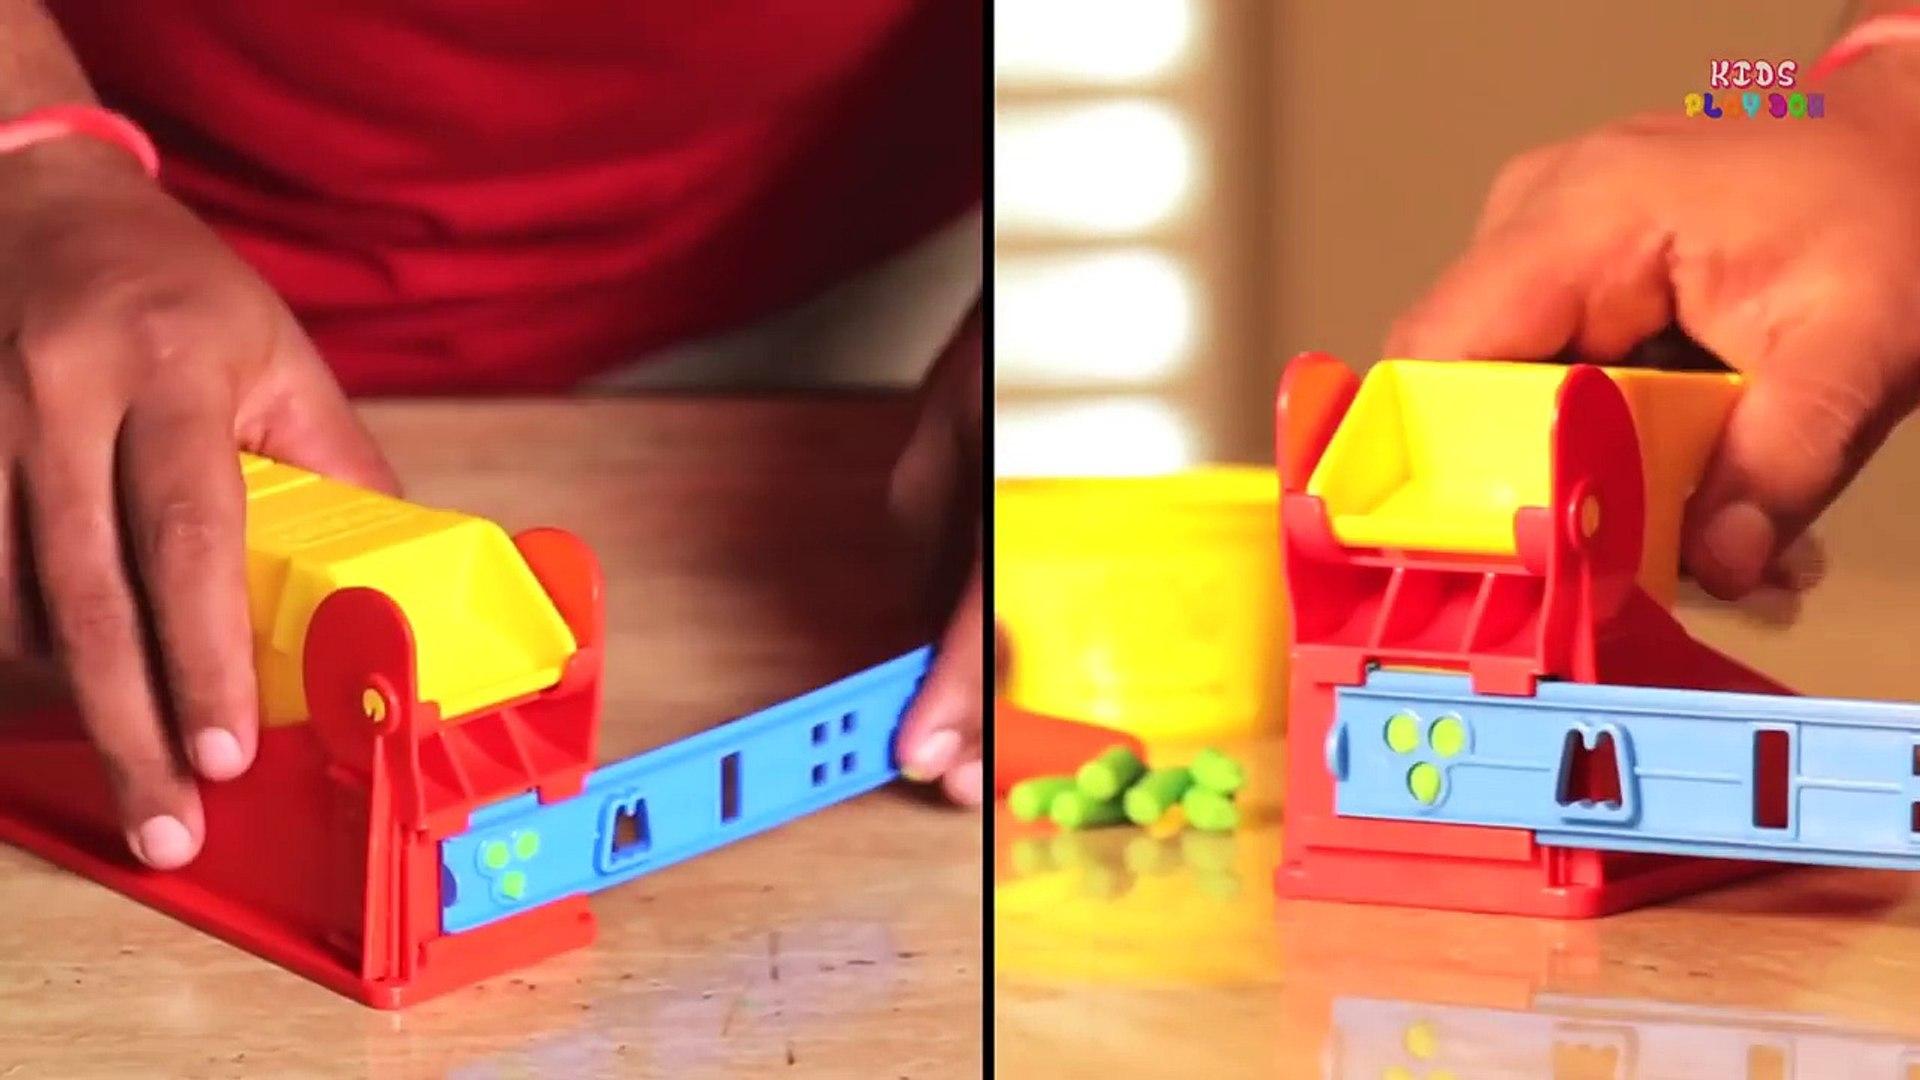 Игрушка микроволновая печь гамбургер Набор для игр играть доч Узнайте фрукты и овощи с липучка Игруш